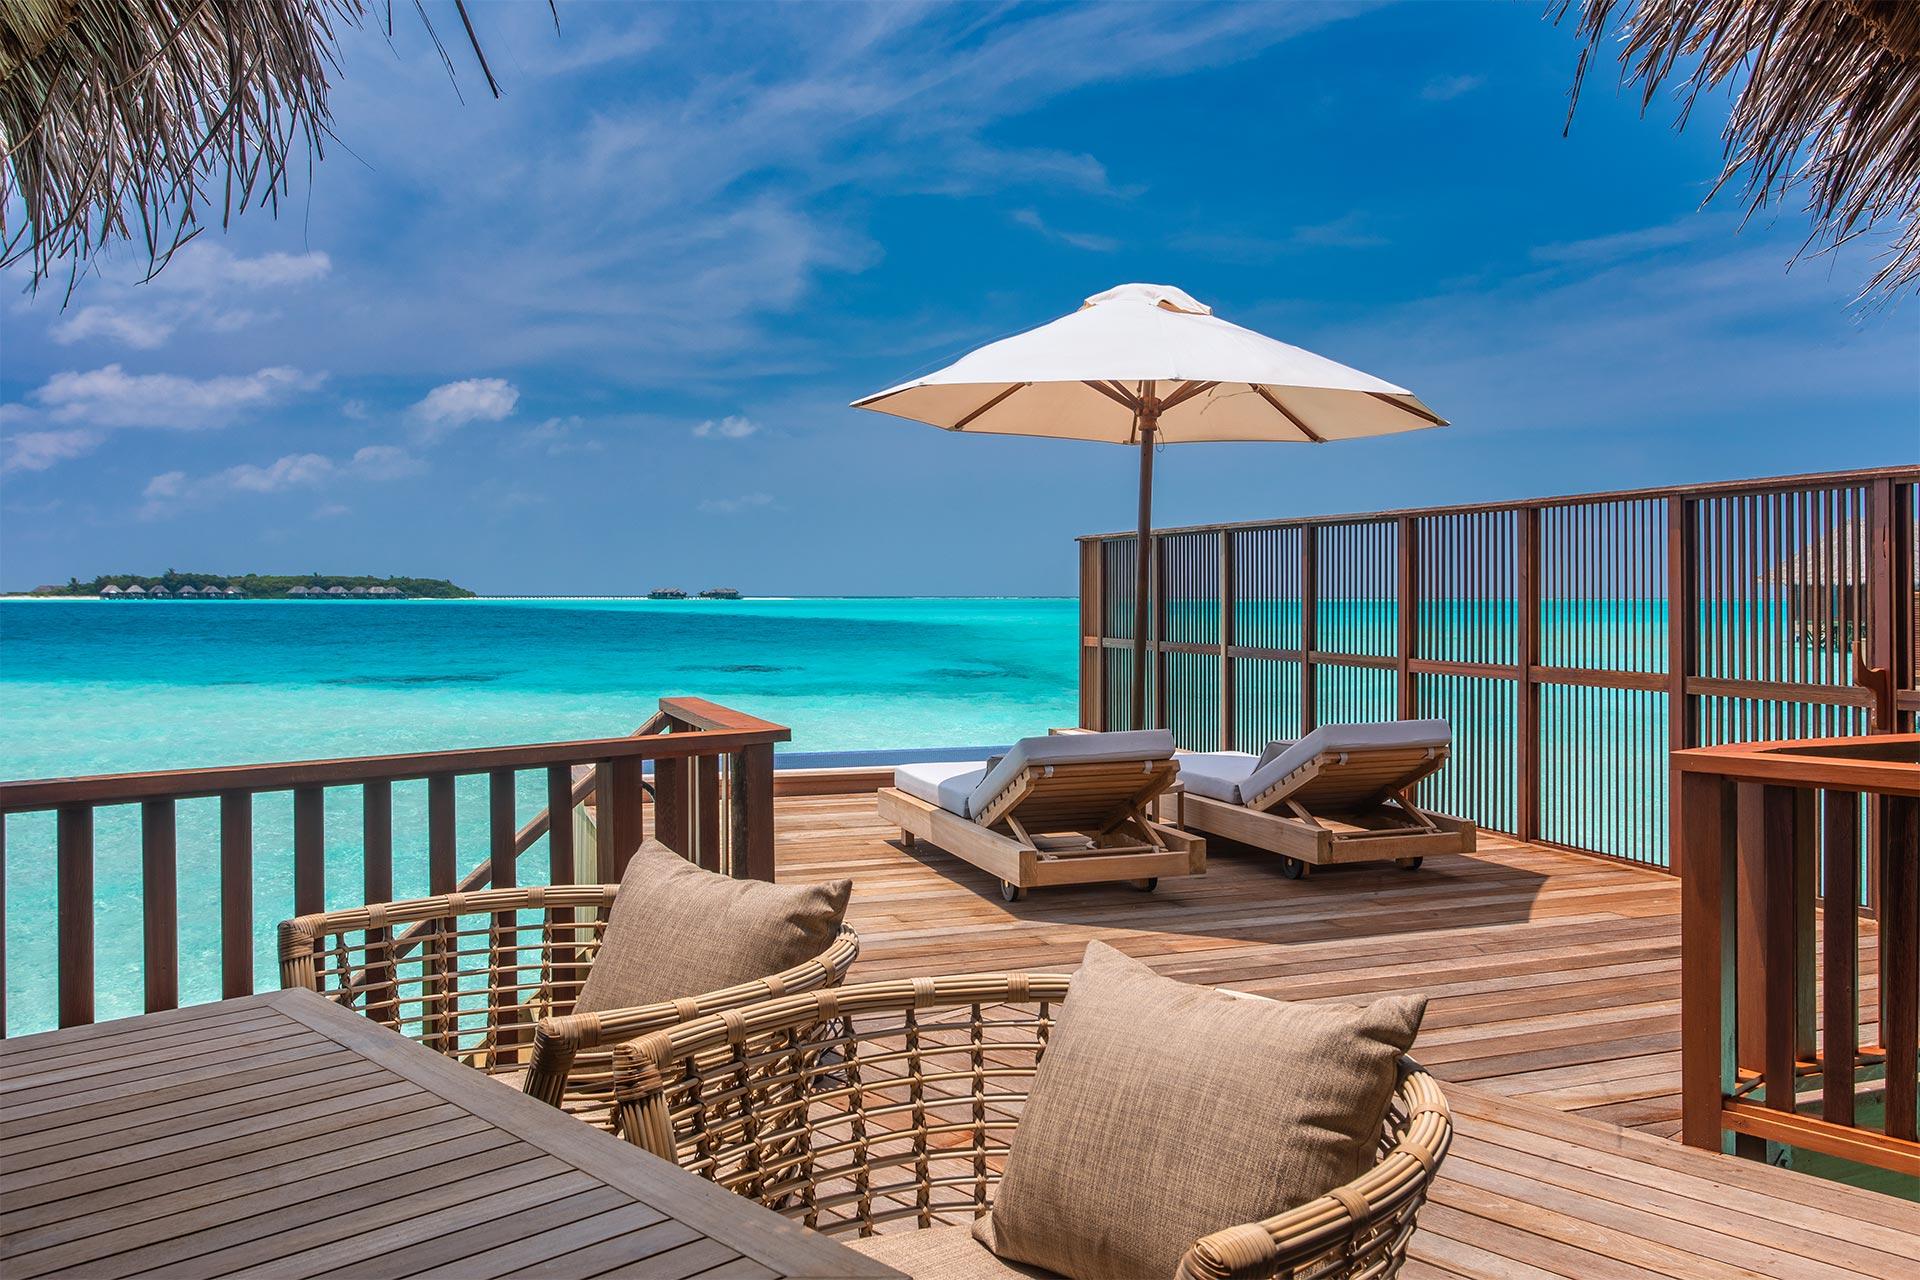 Luna de miere - Sejur plaja Conrad Maldives Rangali Island, 8 zile